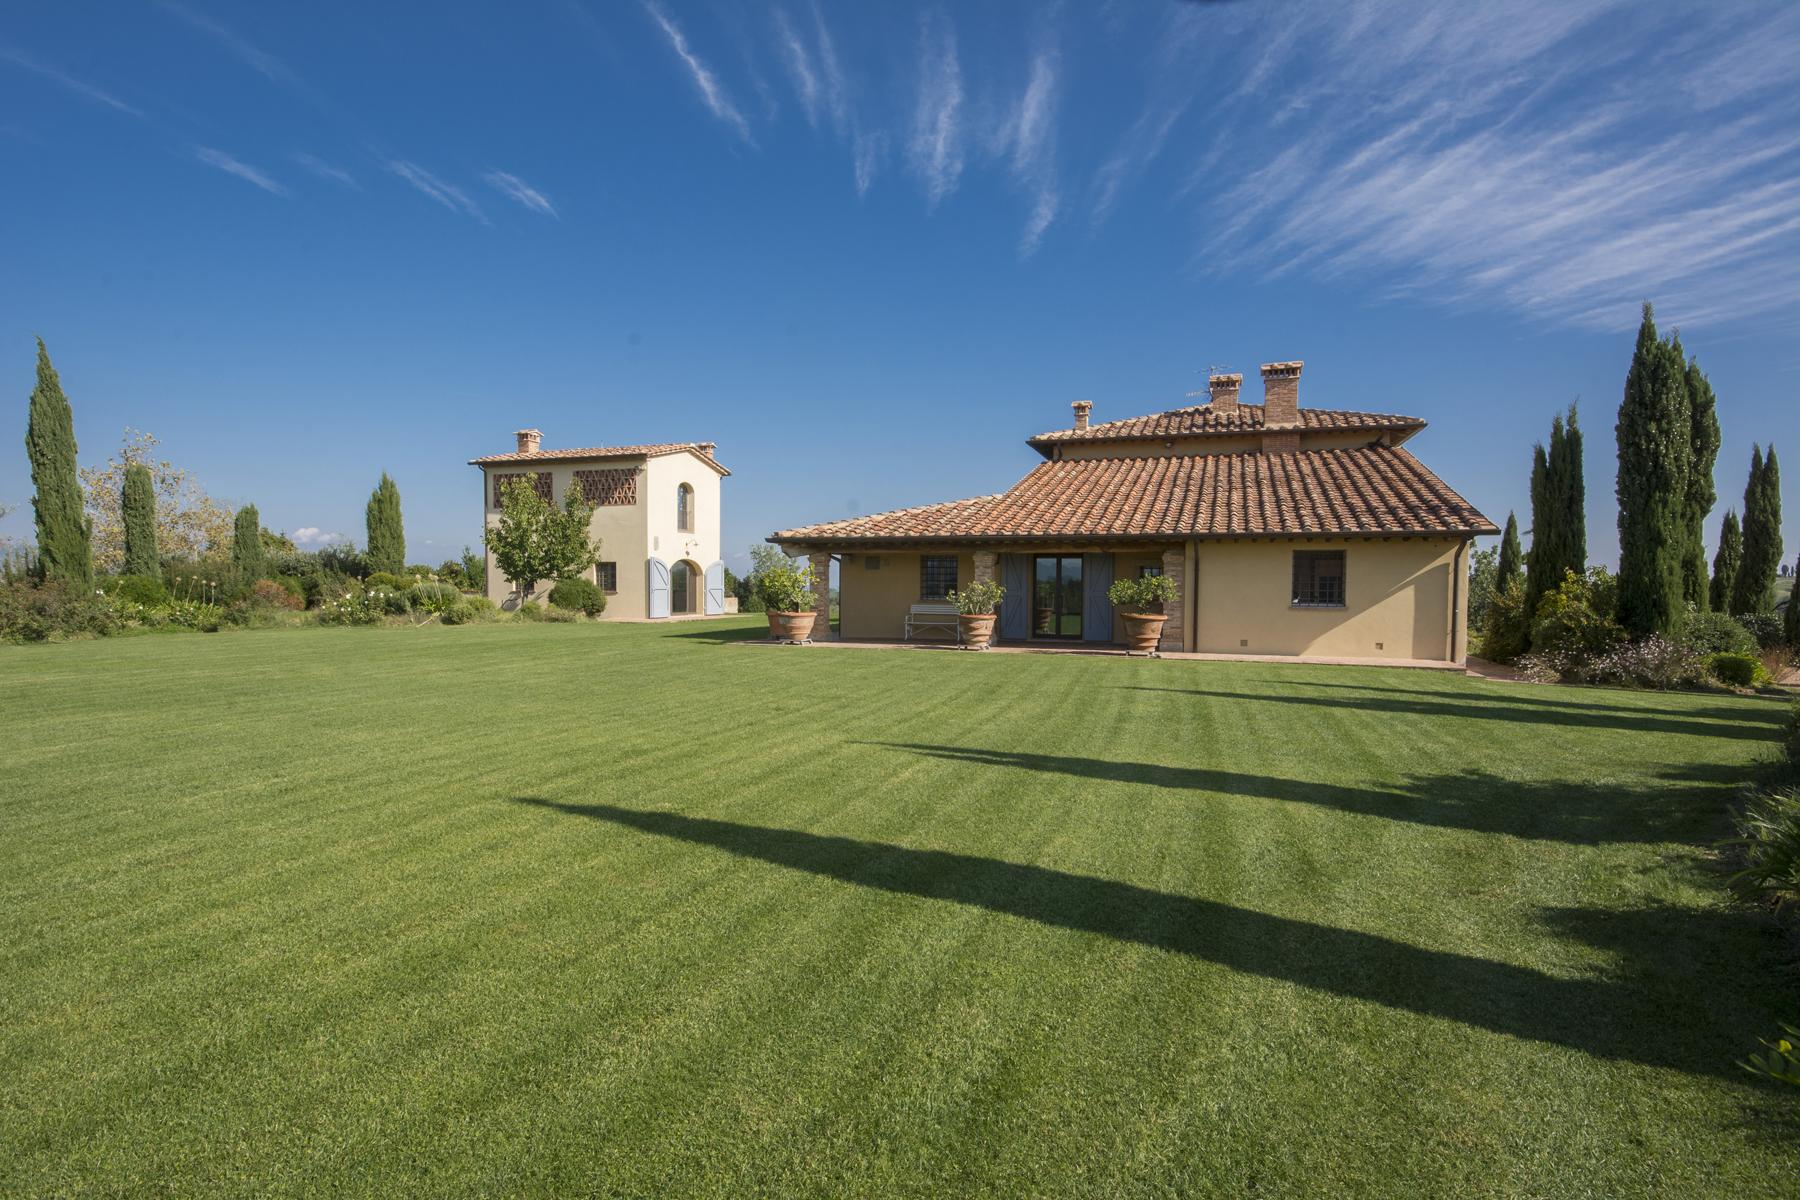 Villa in Vendita a Crespina: 5 locali, 500 mq - Foto 1